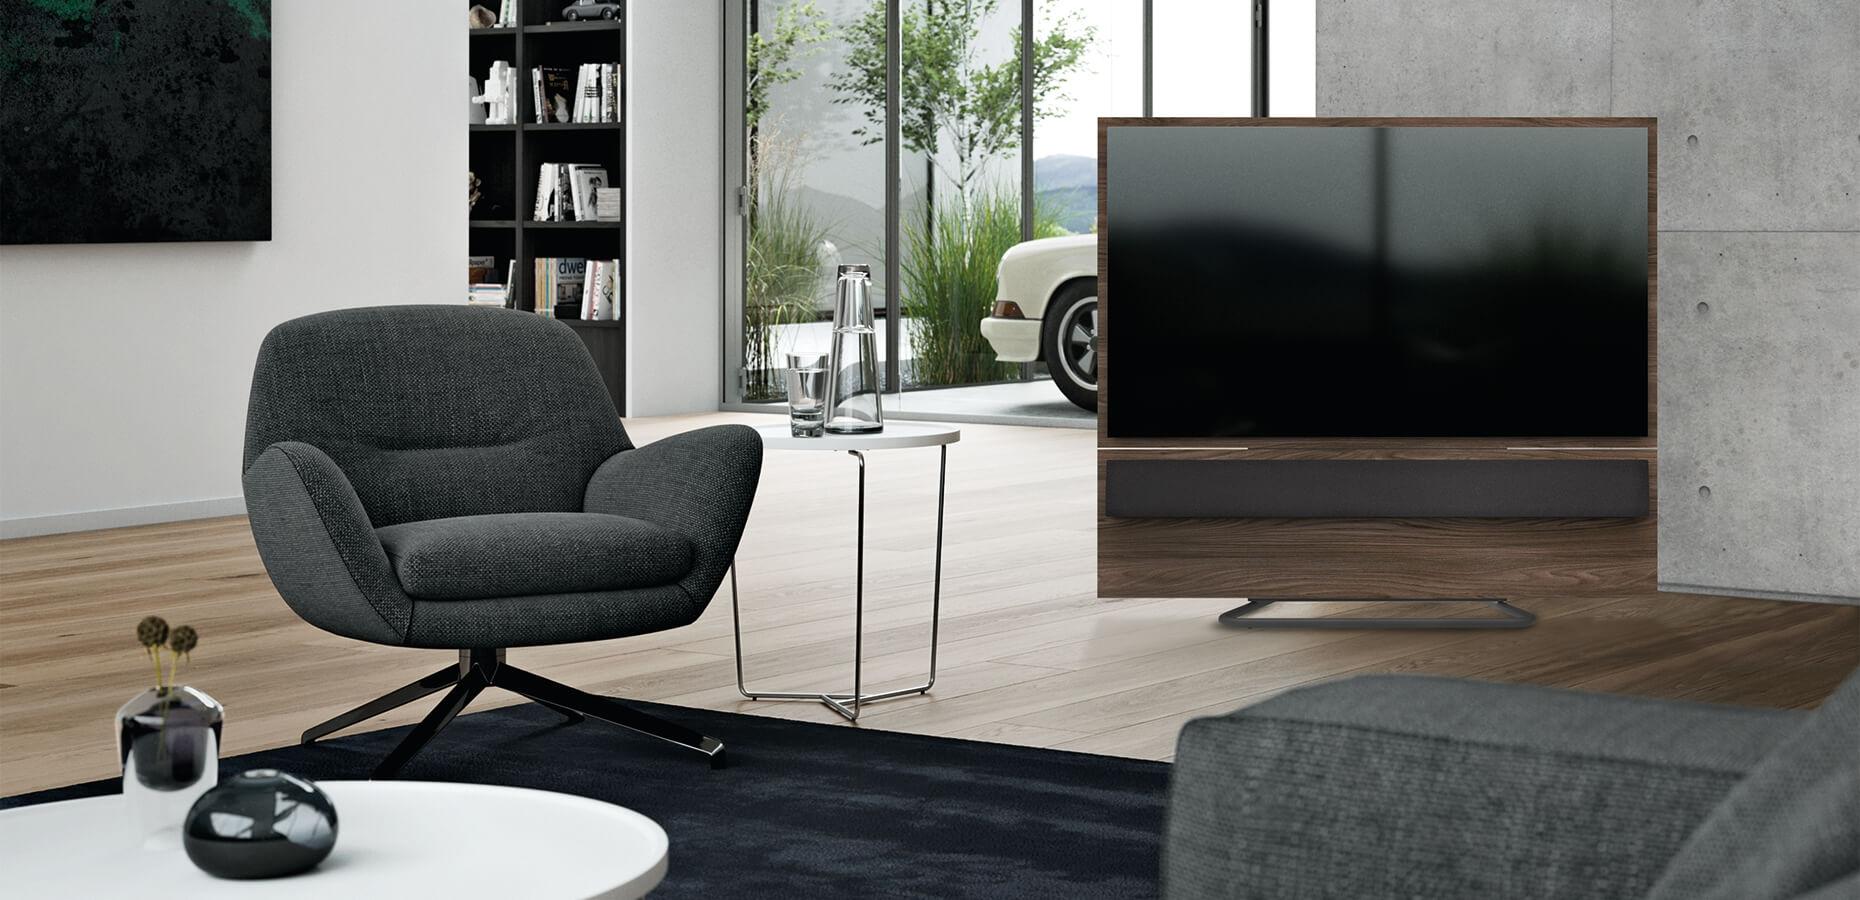 Spectral Tube GX41SP-65 tv-standaard voor LG GX gallery design tv